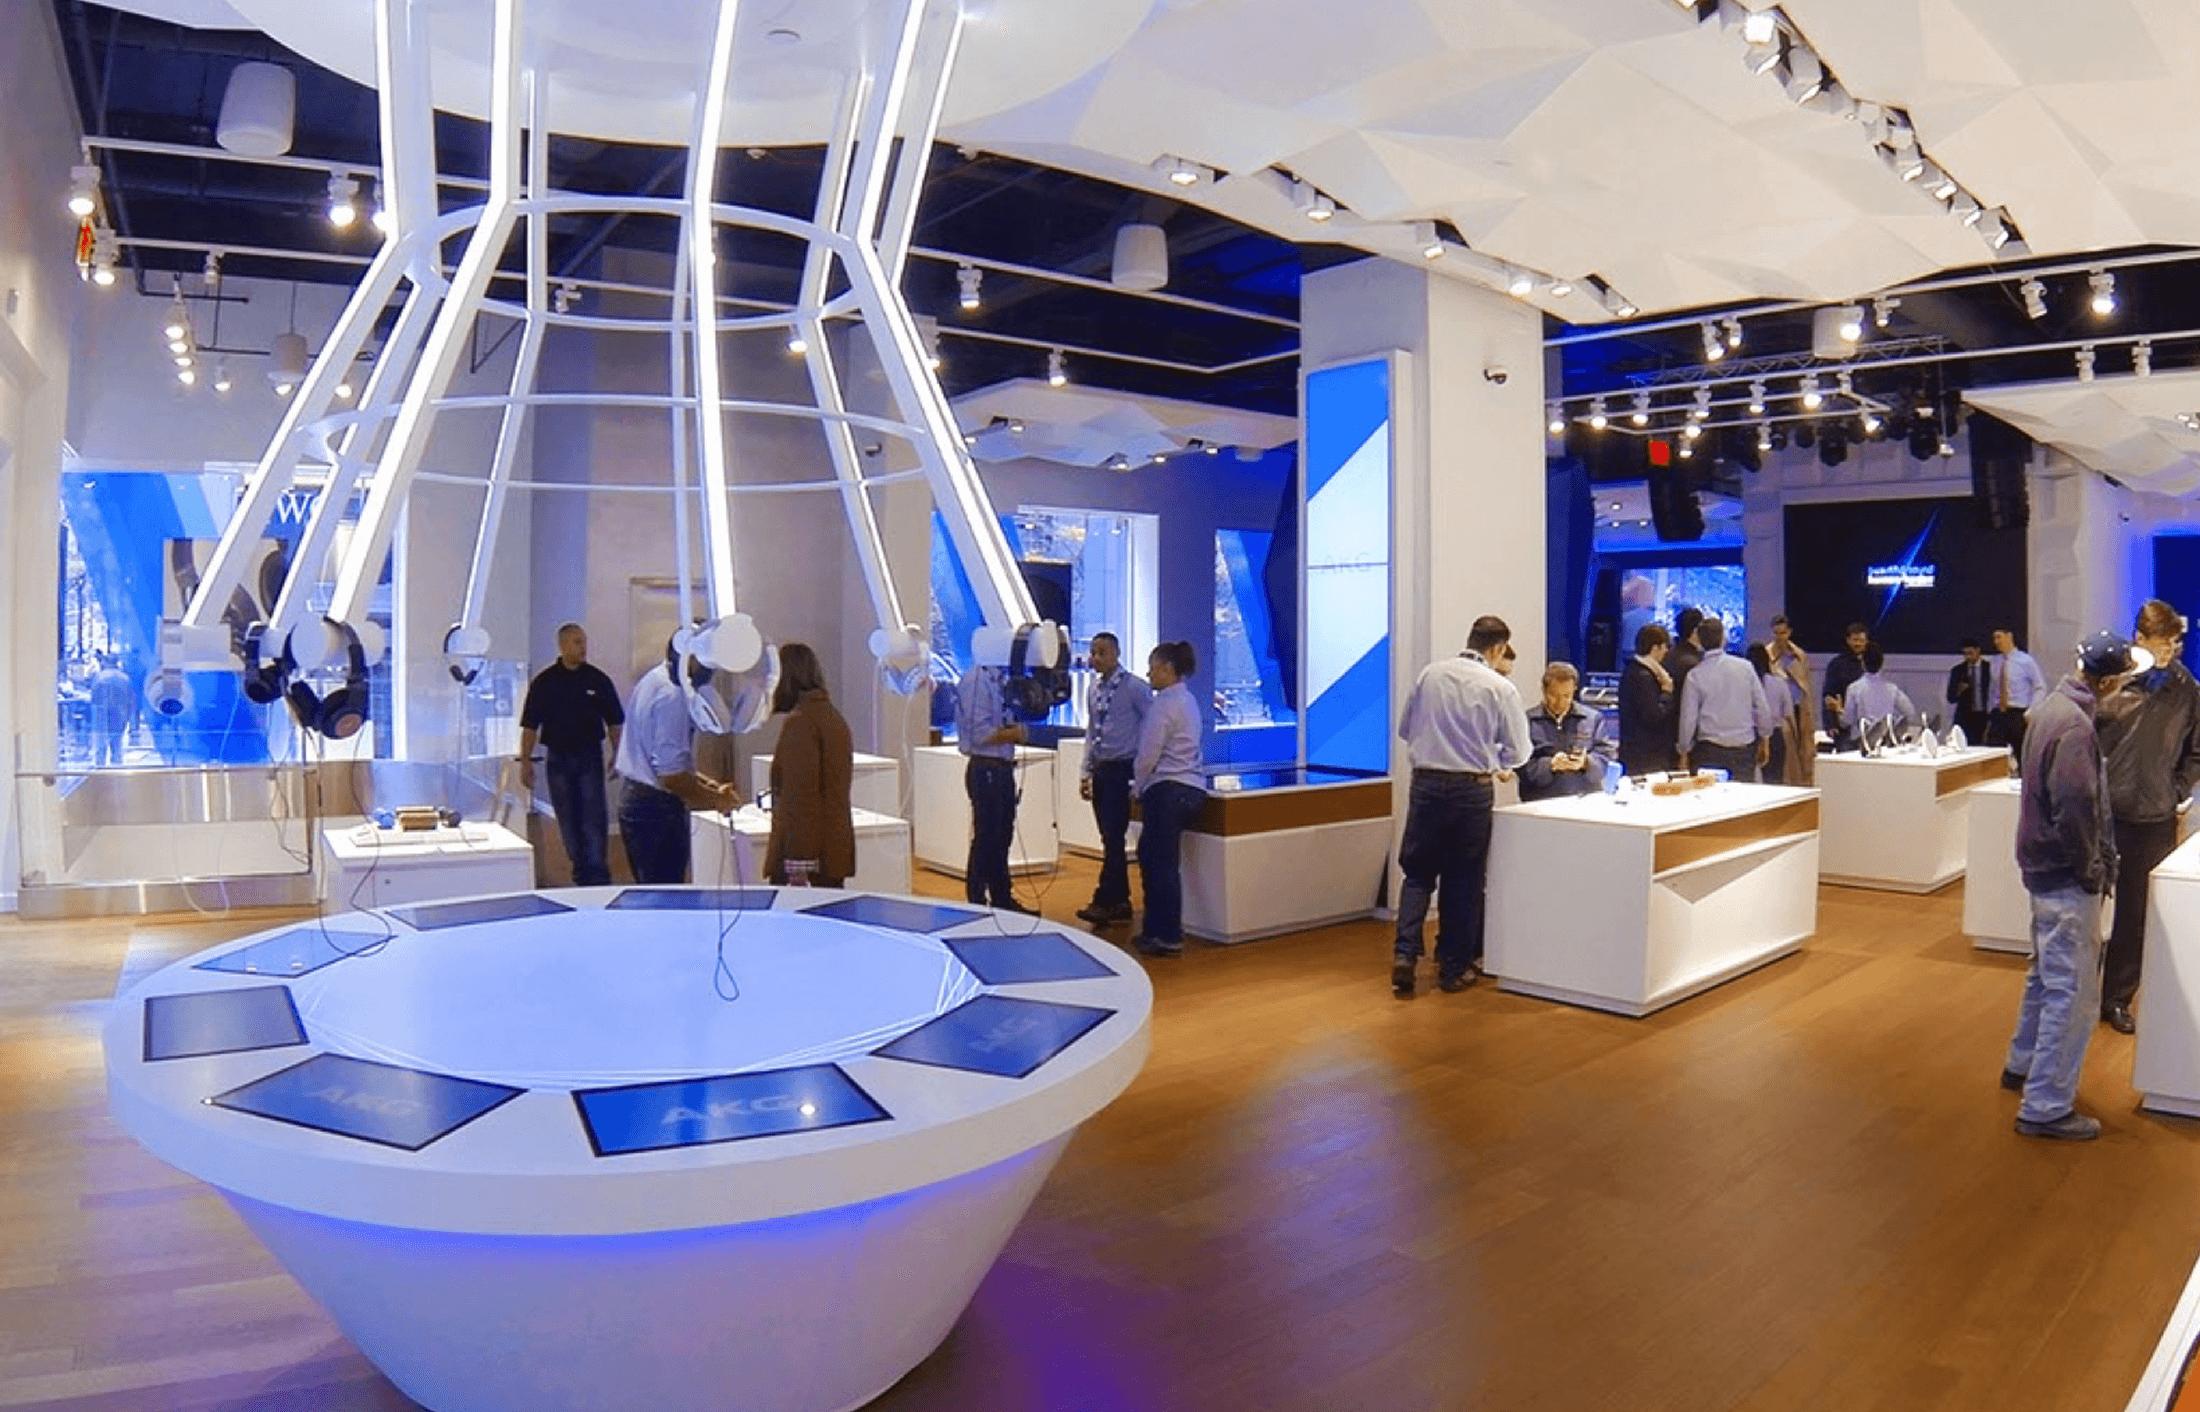 Harman Flagship Store Interactives